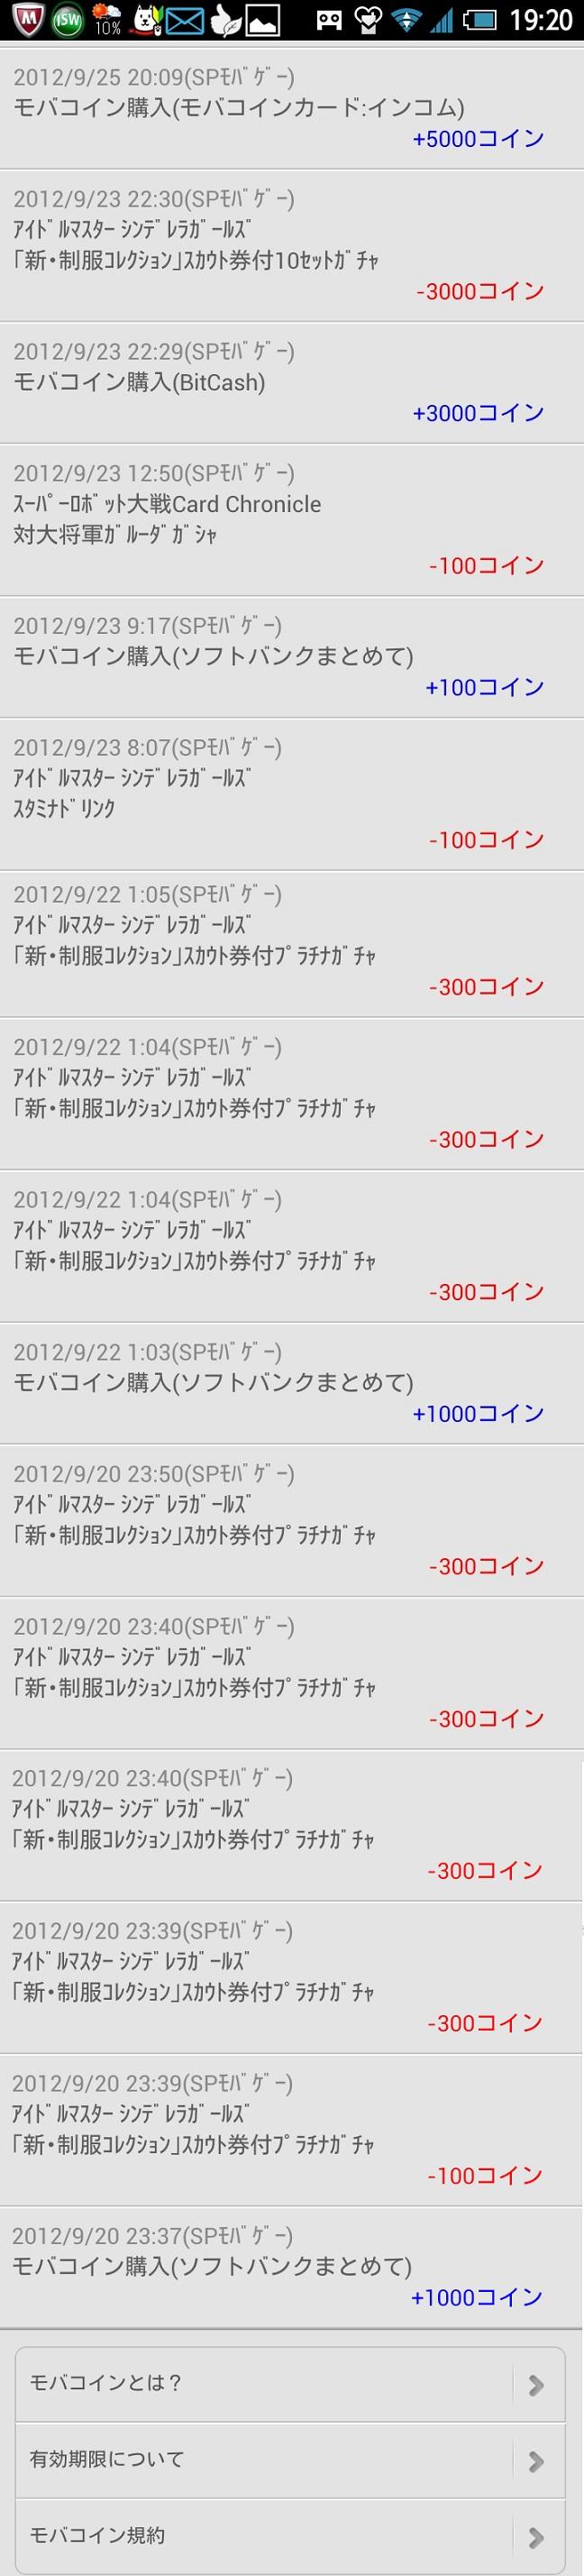 2012-12-29-19-20-35.jpg